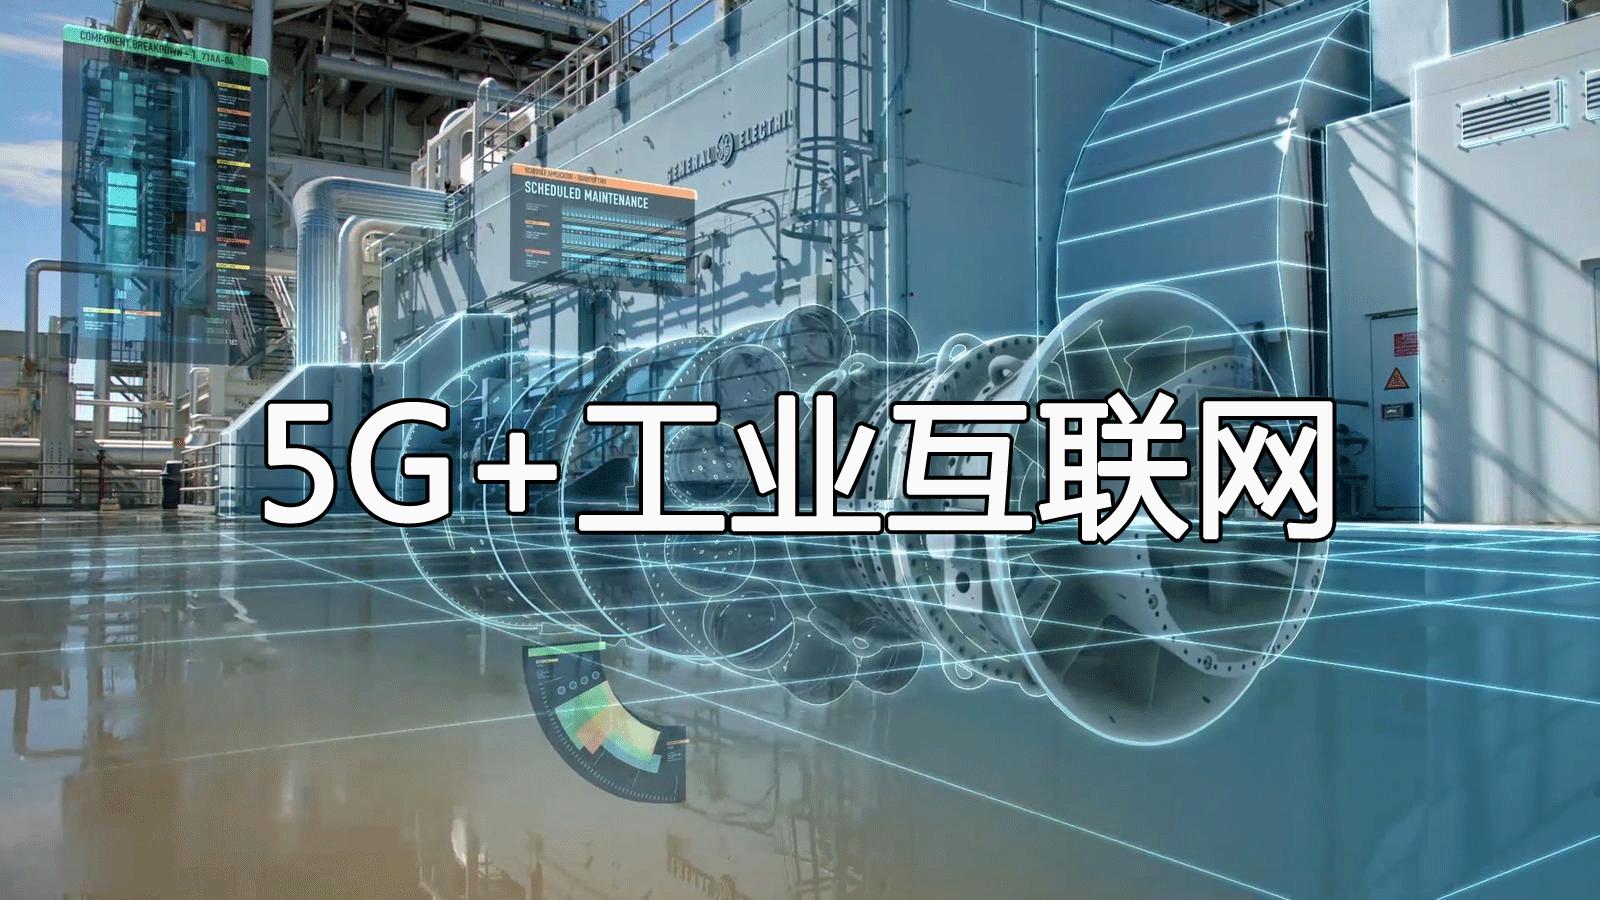 工厂运维管理云平台利用工业互联网技术助力智慧工厂智能管理加速中国数字工业化进程